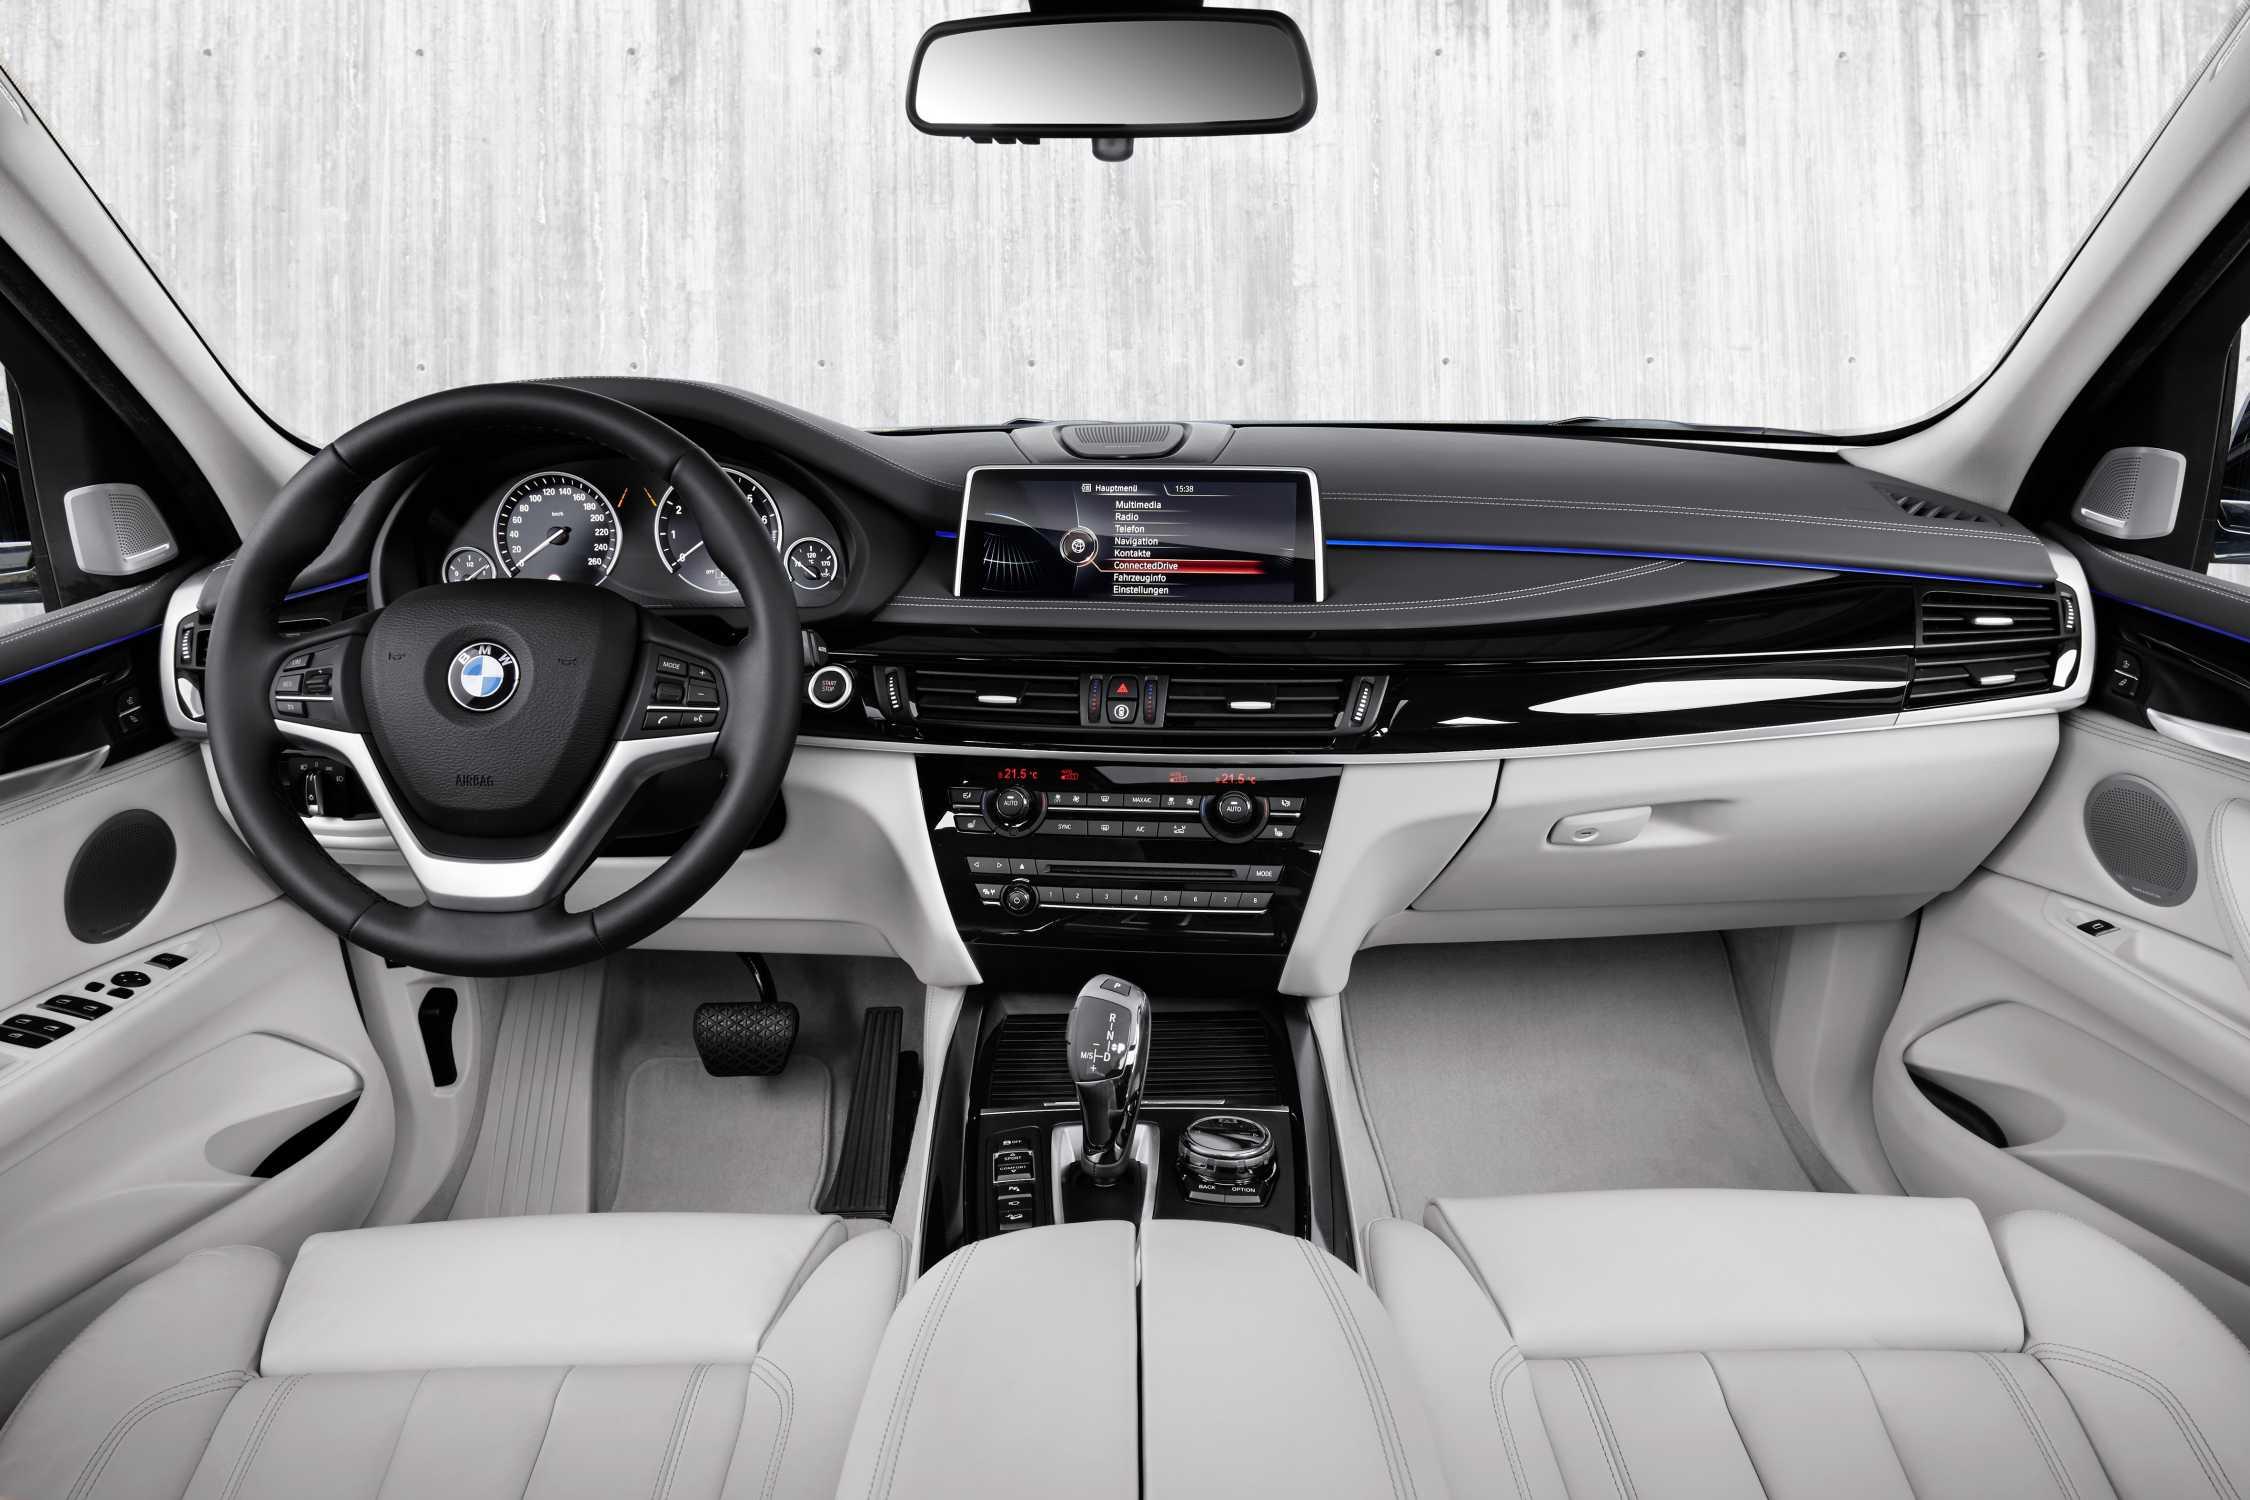 BMW X5 Driving Dynamic